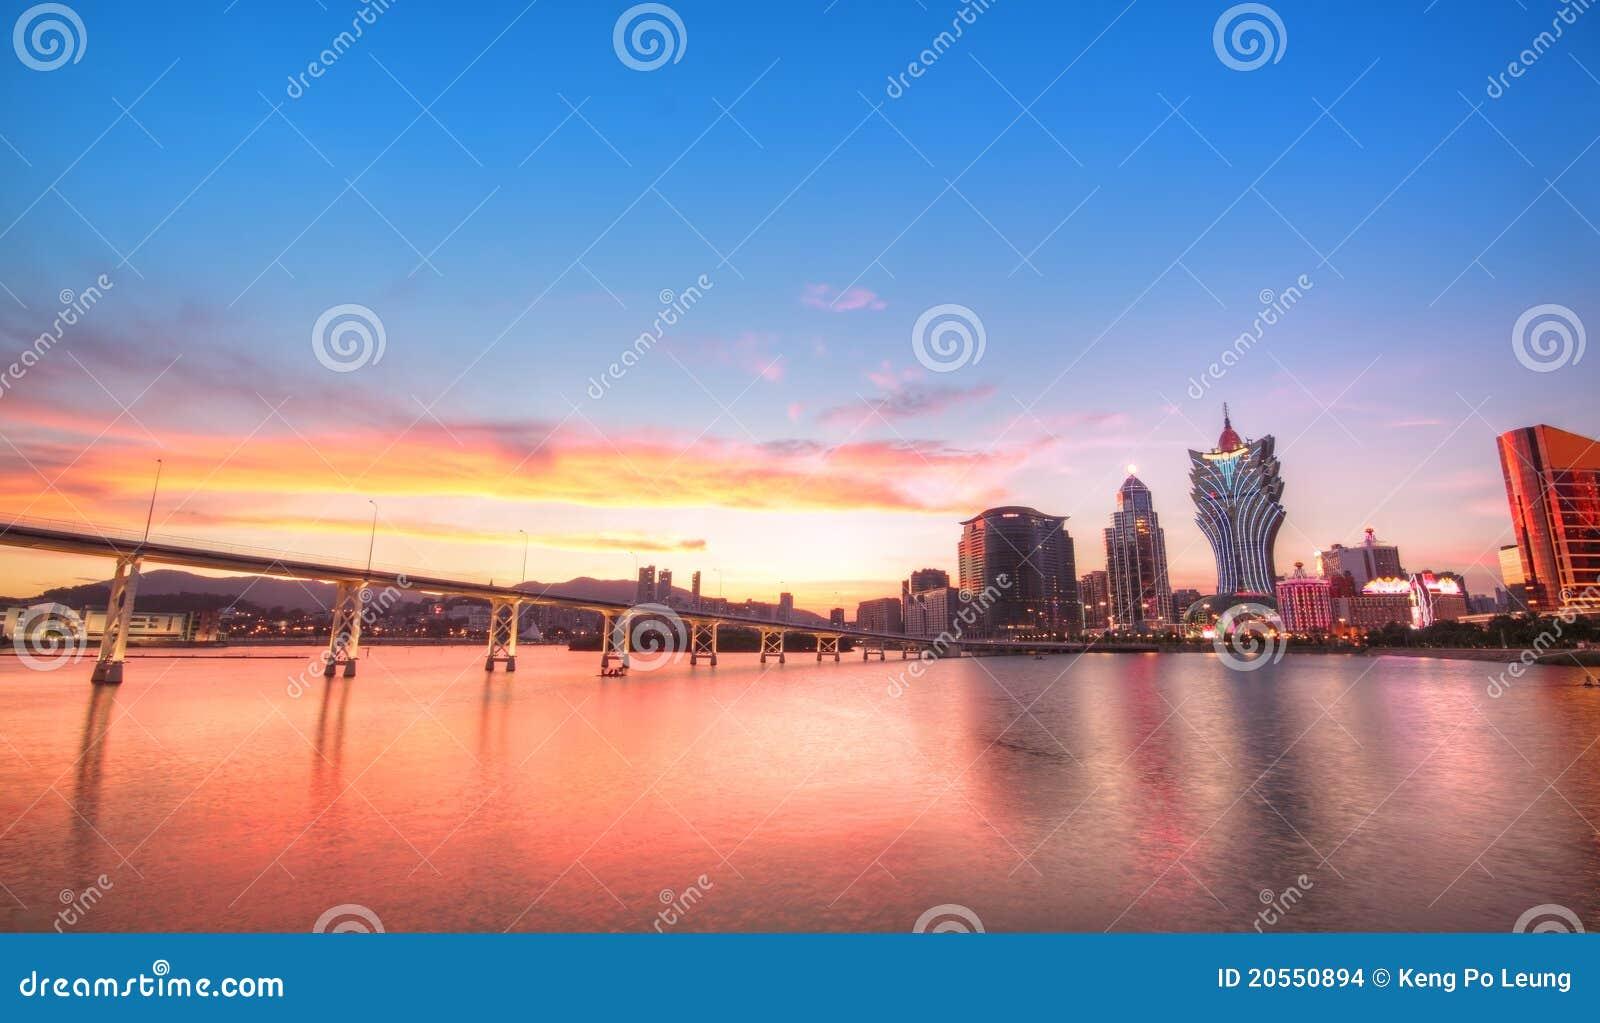 Città di Macau